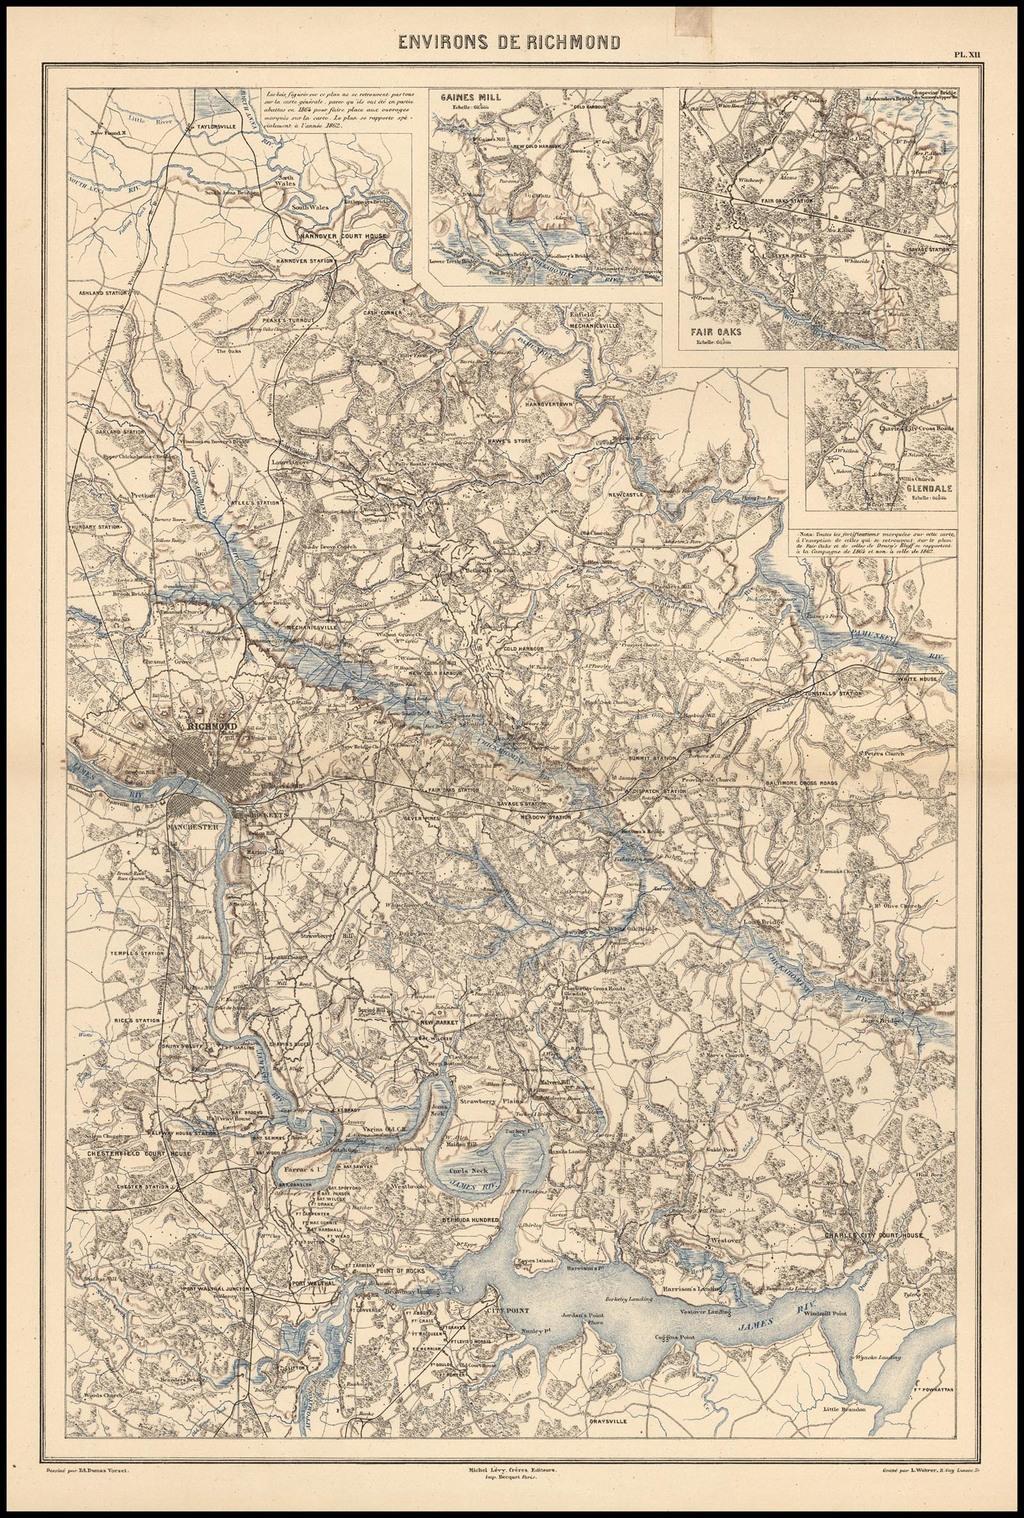 Environs de Richmond By Edouard Dumas Vorzet